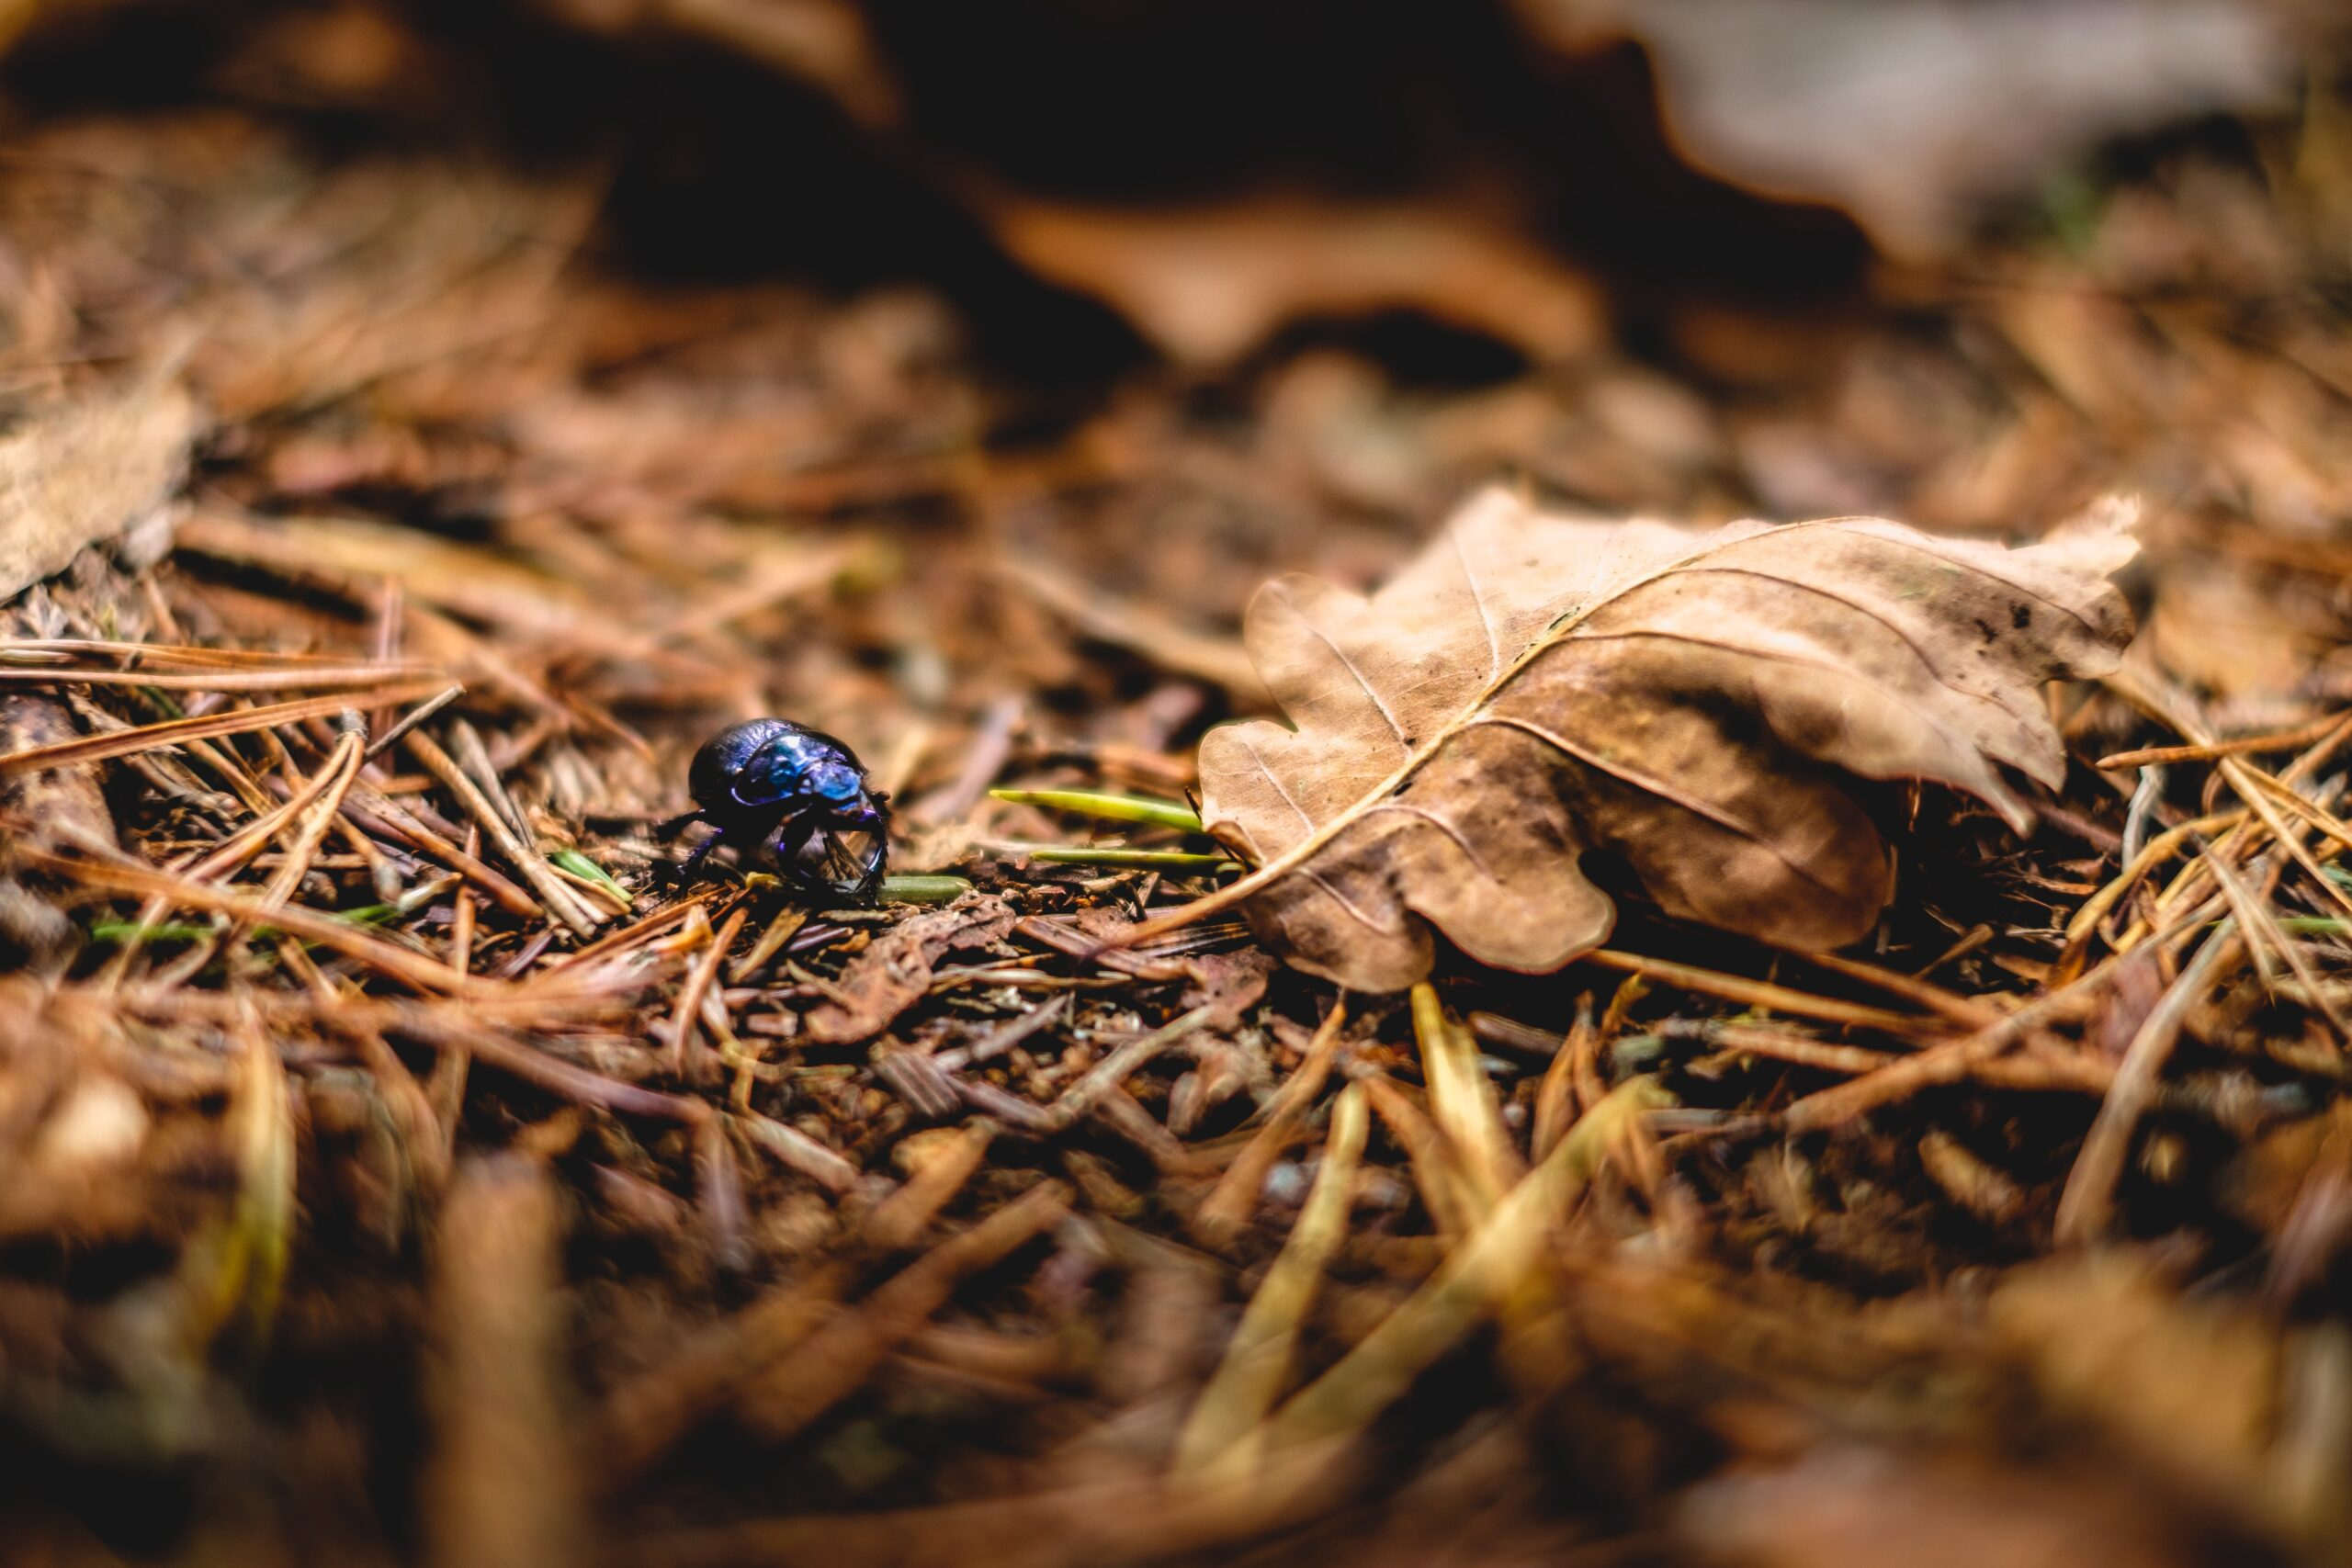 blue bug near brown leaf in tilt photography